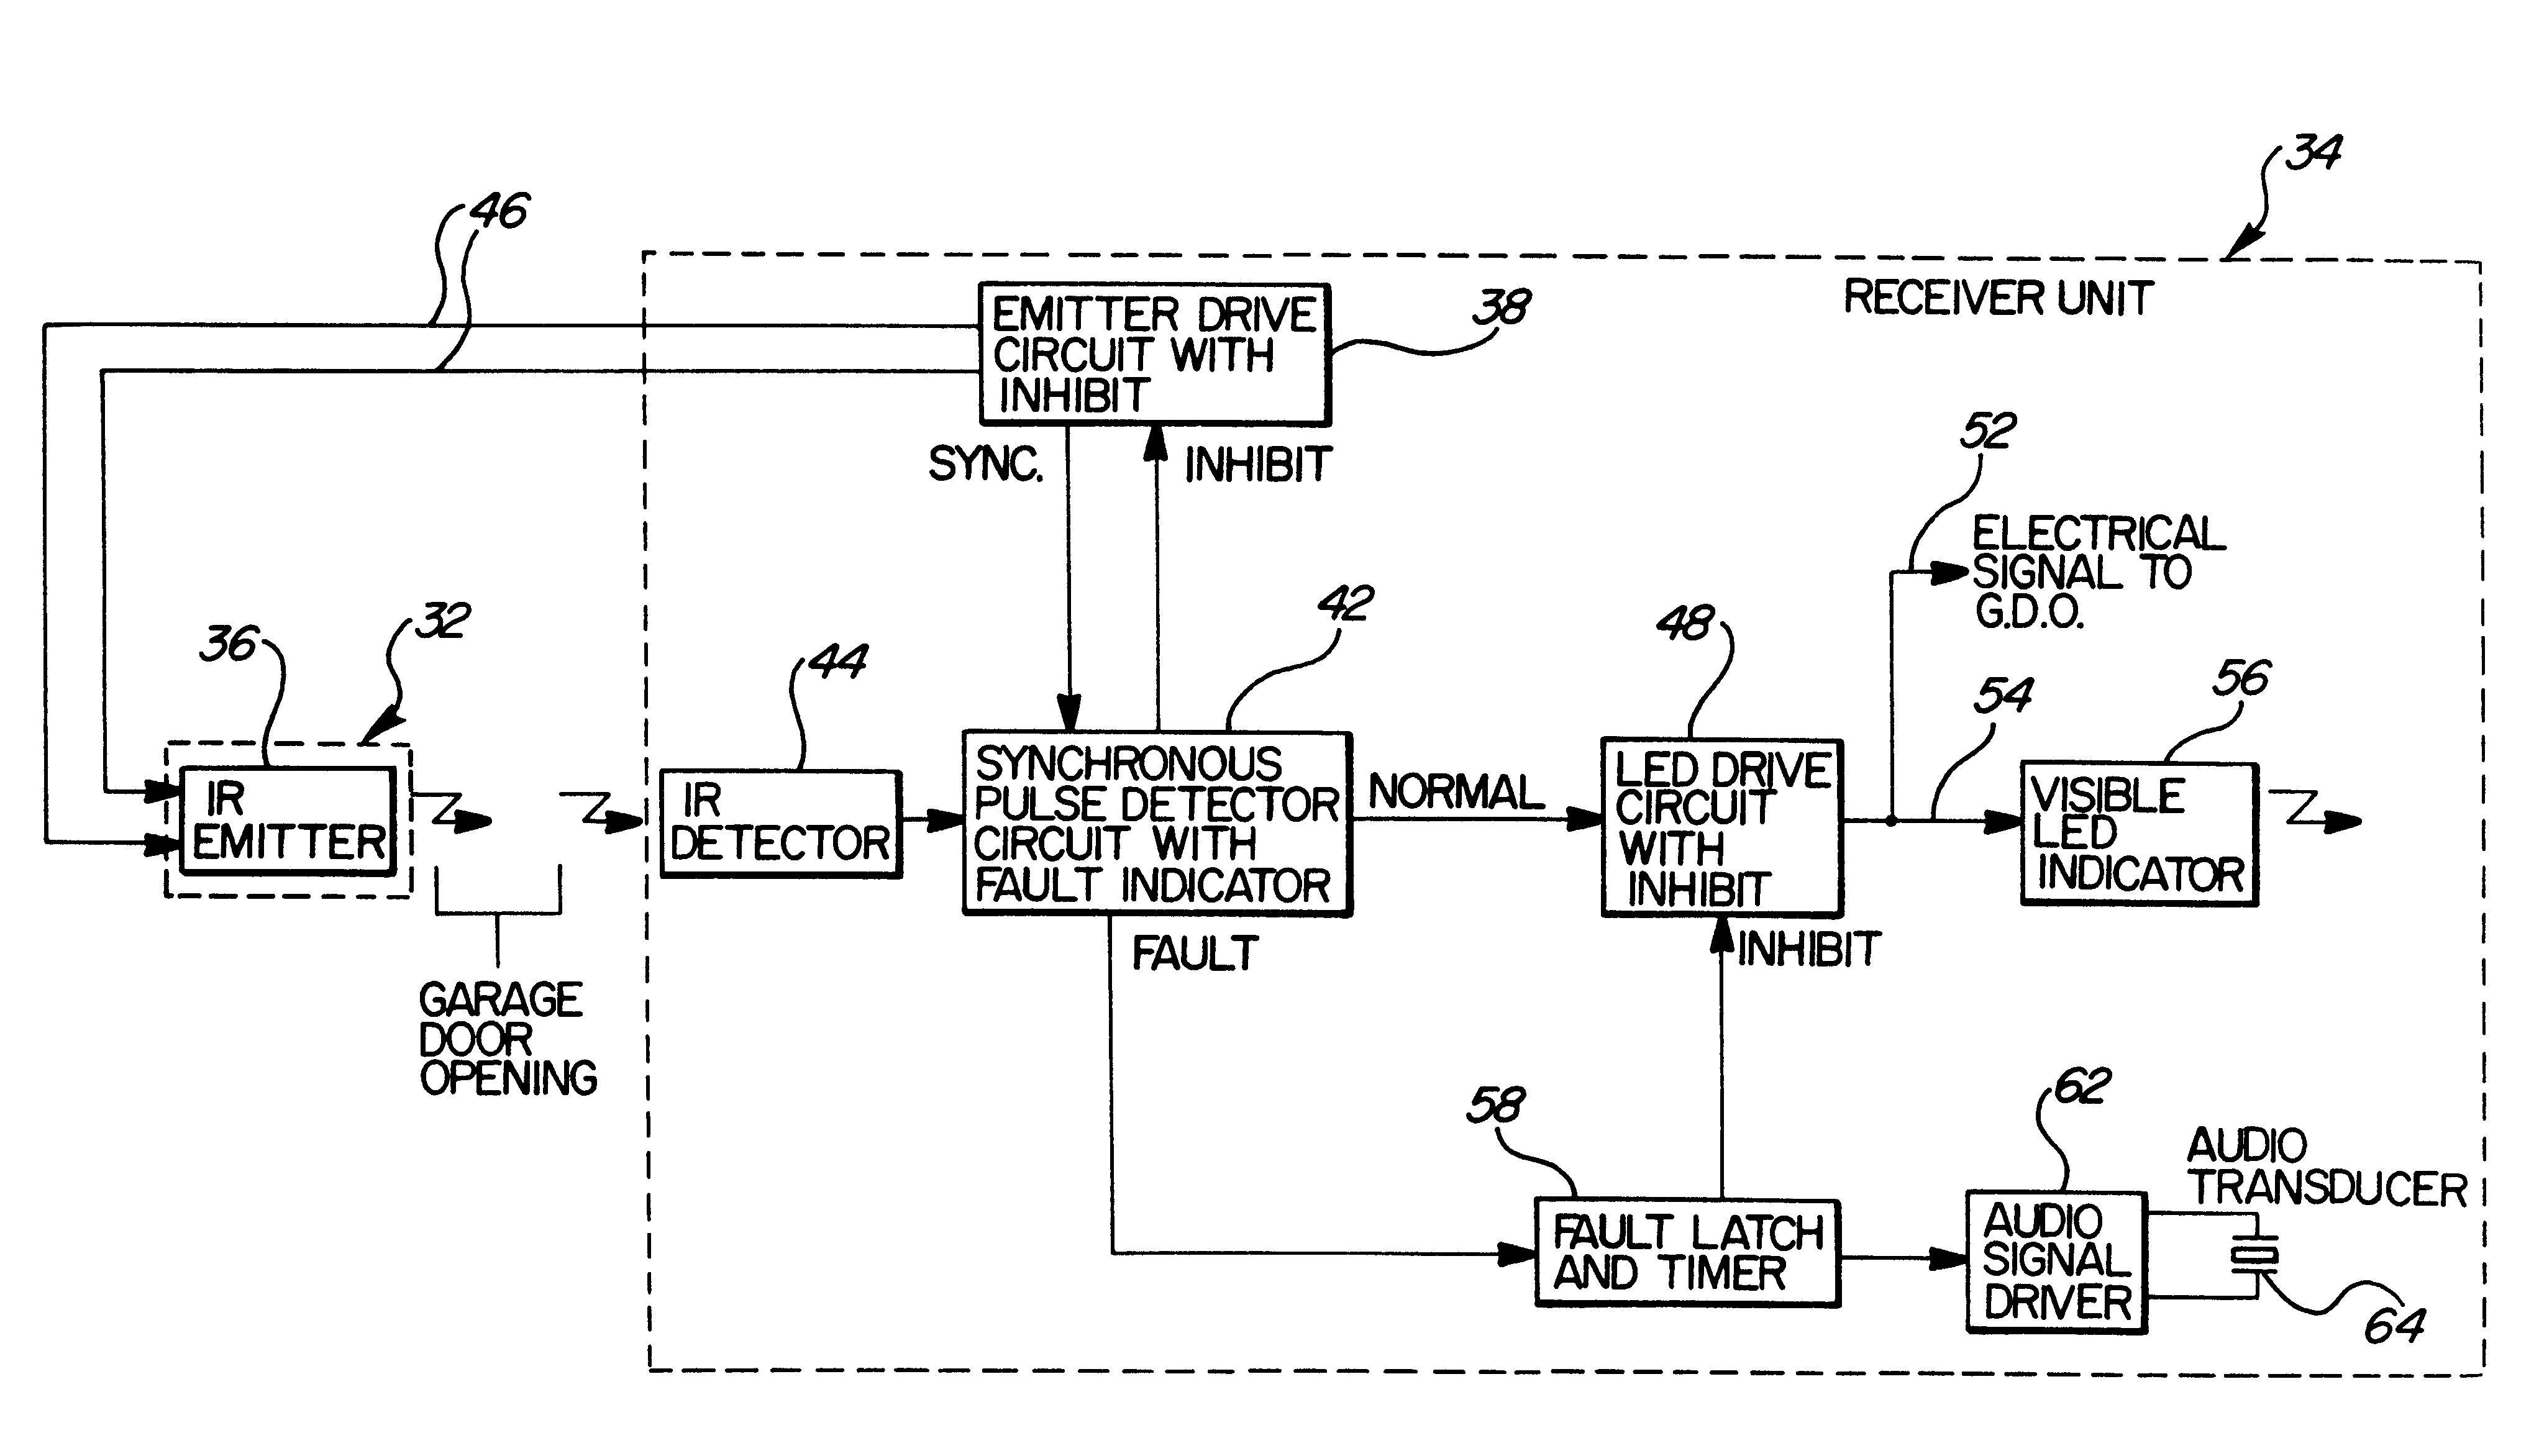 liftmaster garage door opener wiring diagram my wiring diagram rh detoxicrecenze com